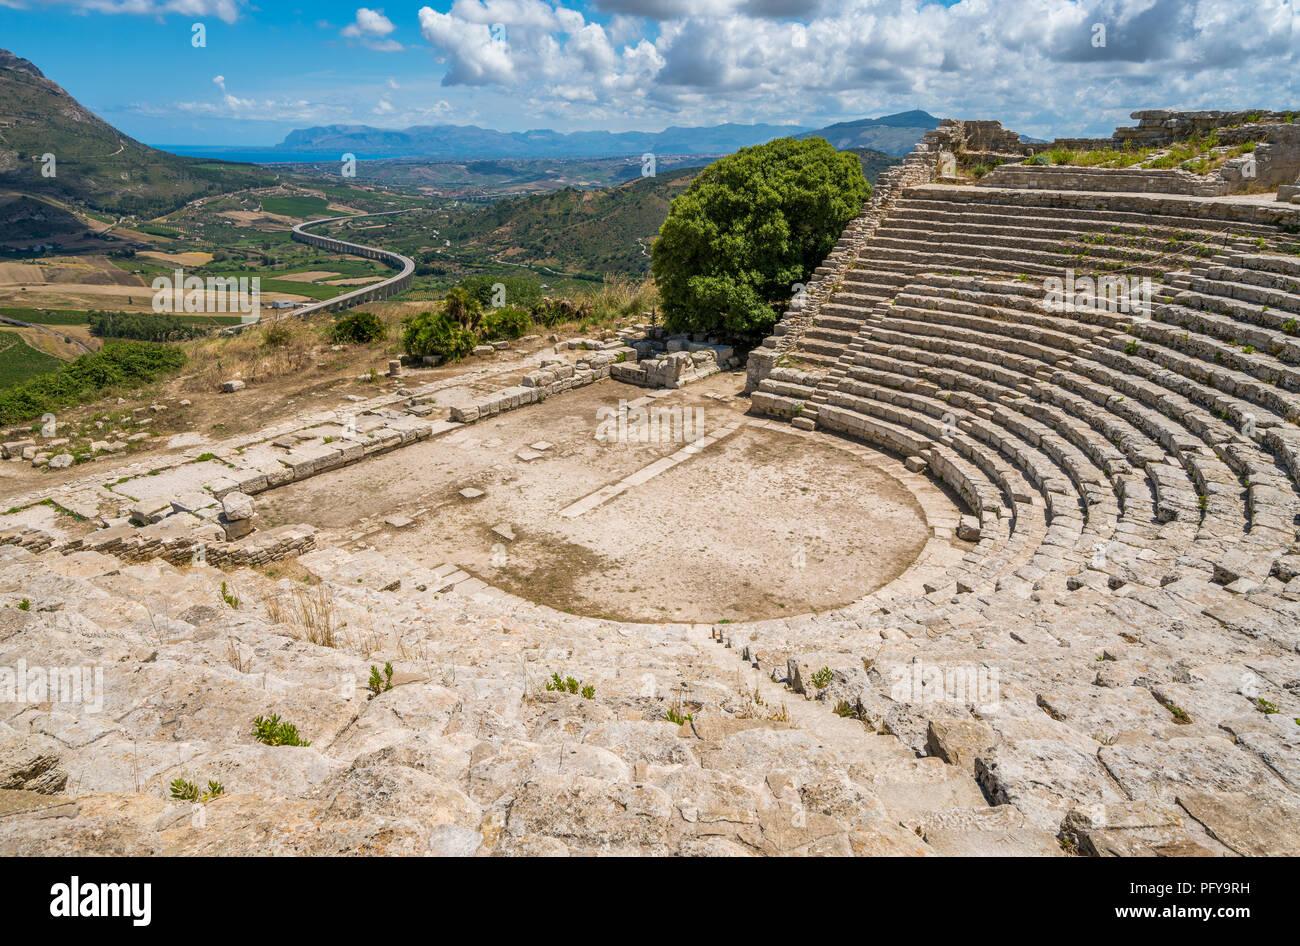 Le théâtre de Ségeste, ancienne ville grecque en Sicile, Italie. Banque D'Images